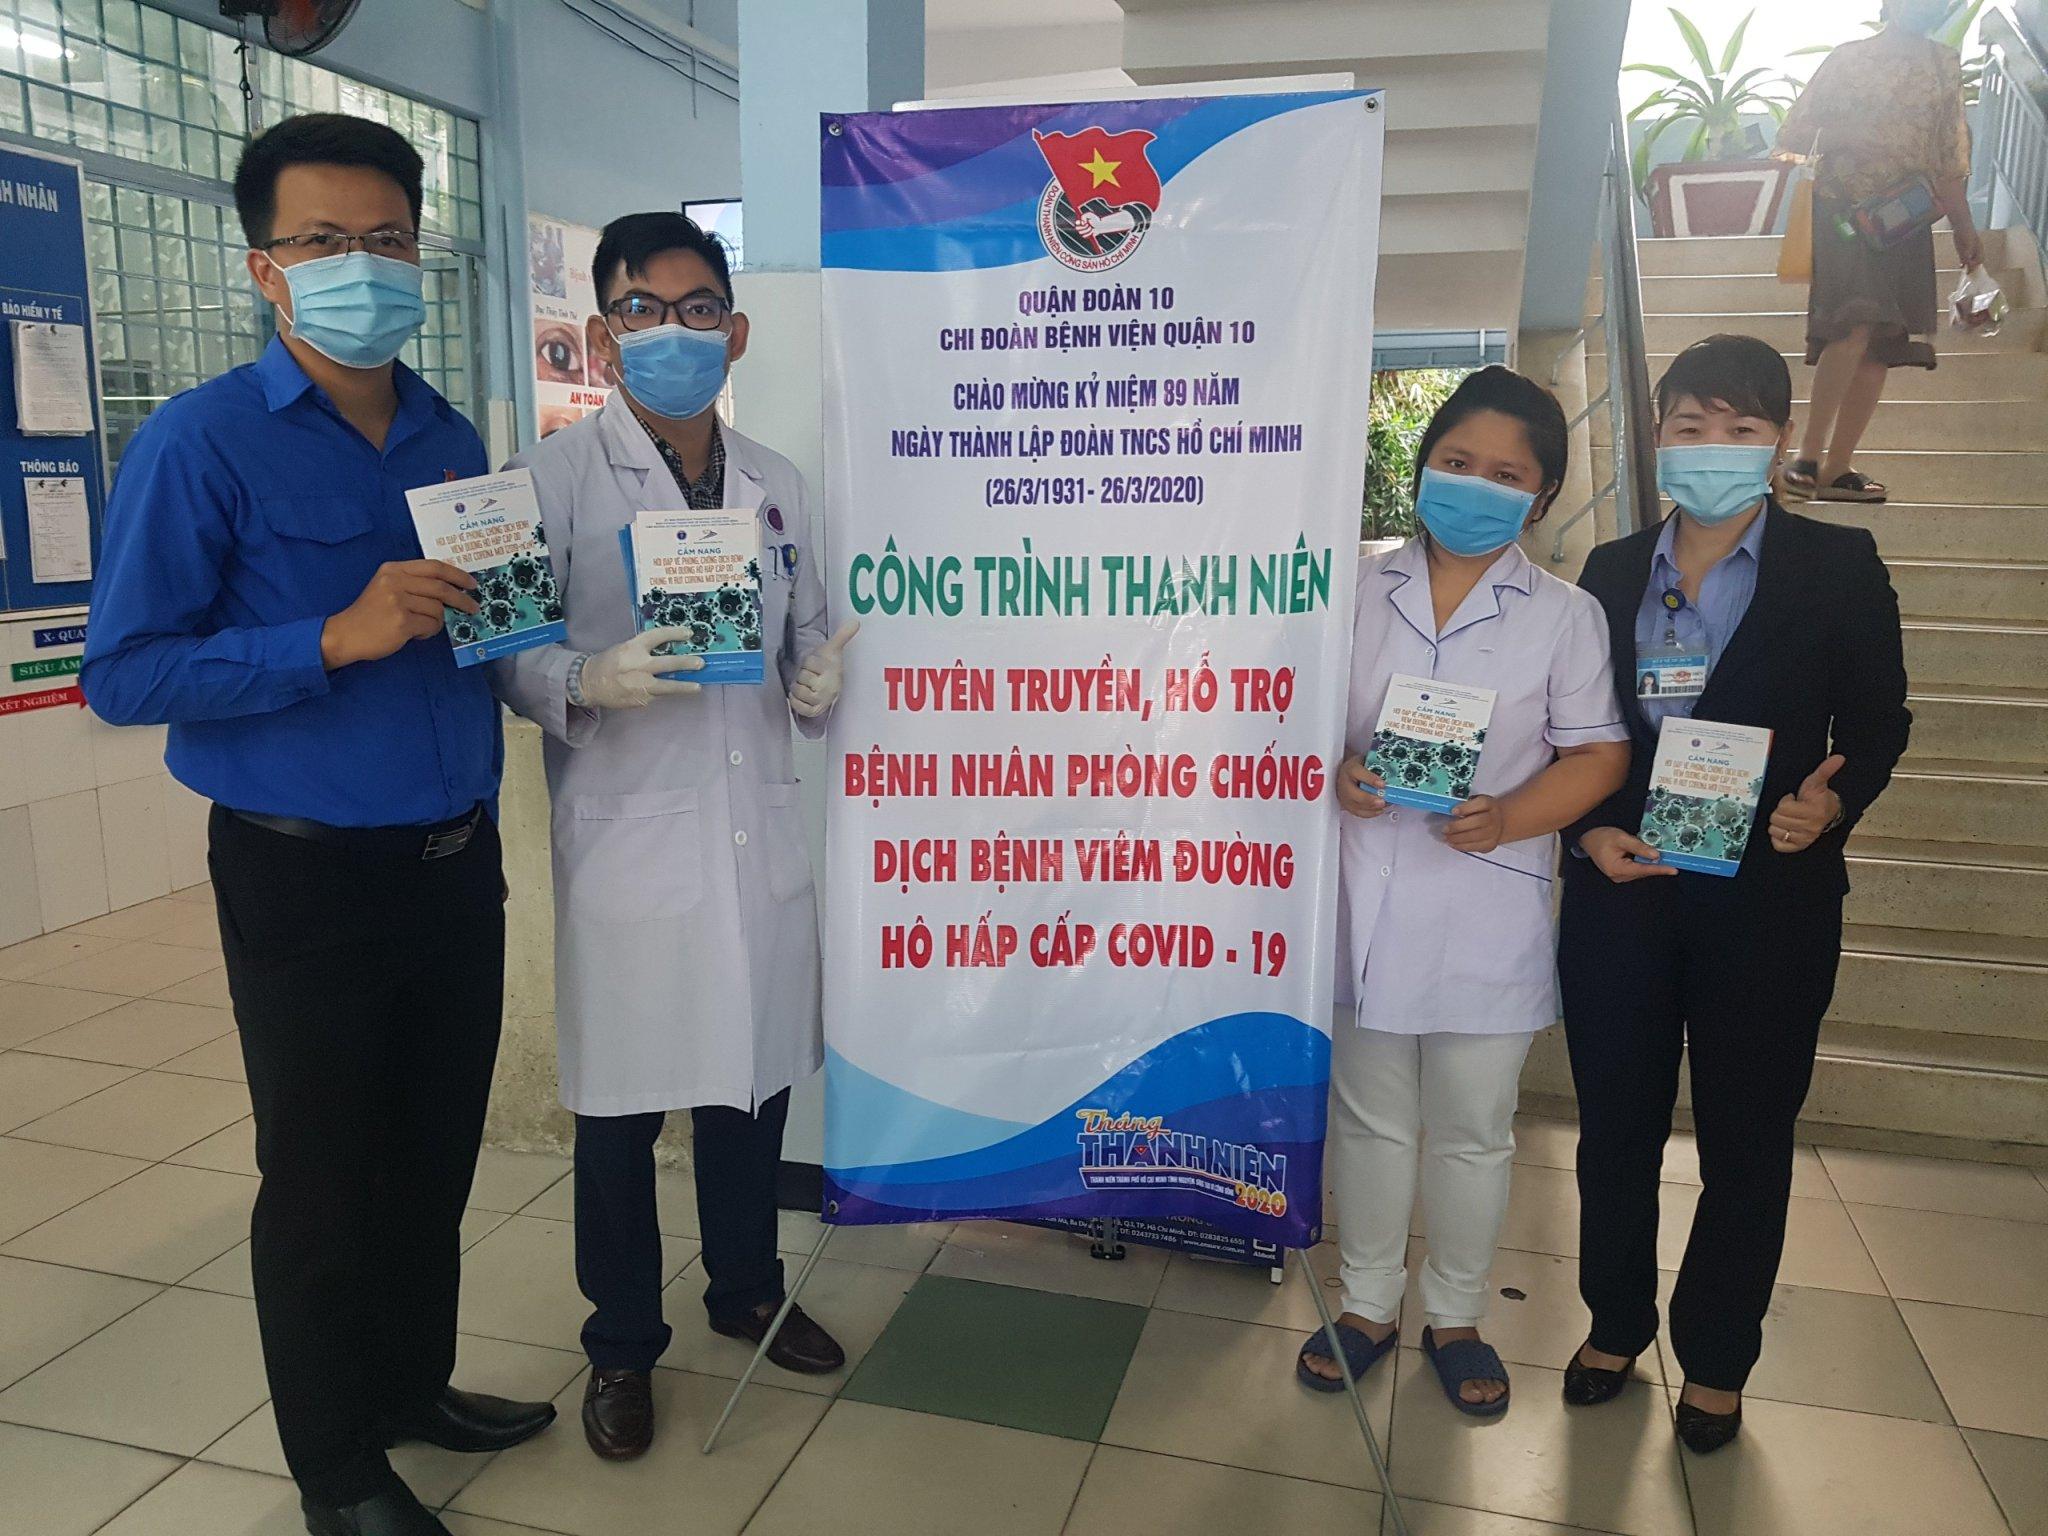 Chi Đoàn Bệnh viện Quận 10, thực hiện Công trình thanh niên Tuyên truyền, hỗ trợ các bệnh nhân phòng chống dịch bệnh viêm đường hô hấp cấp COVID – 19